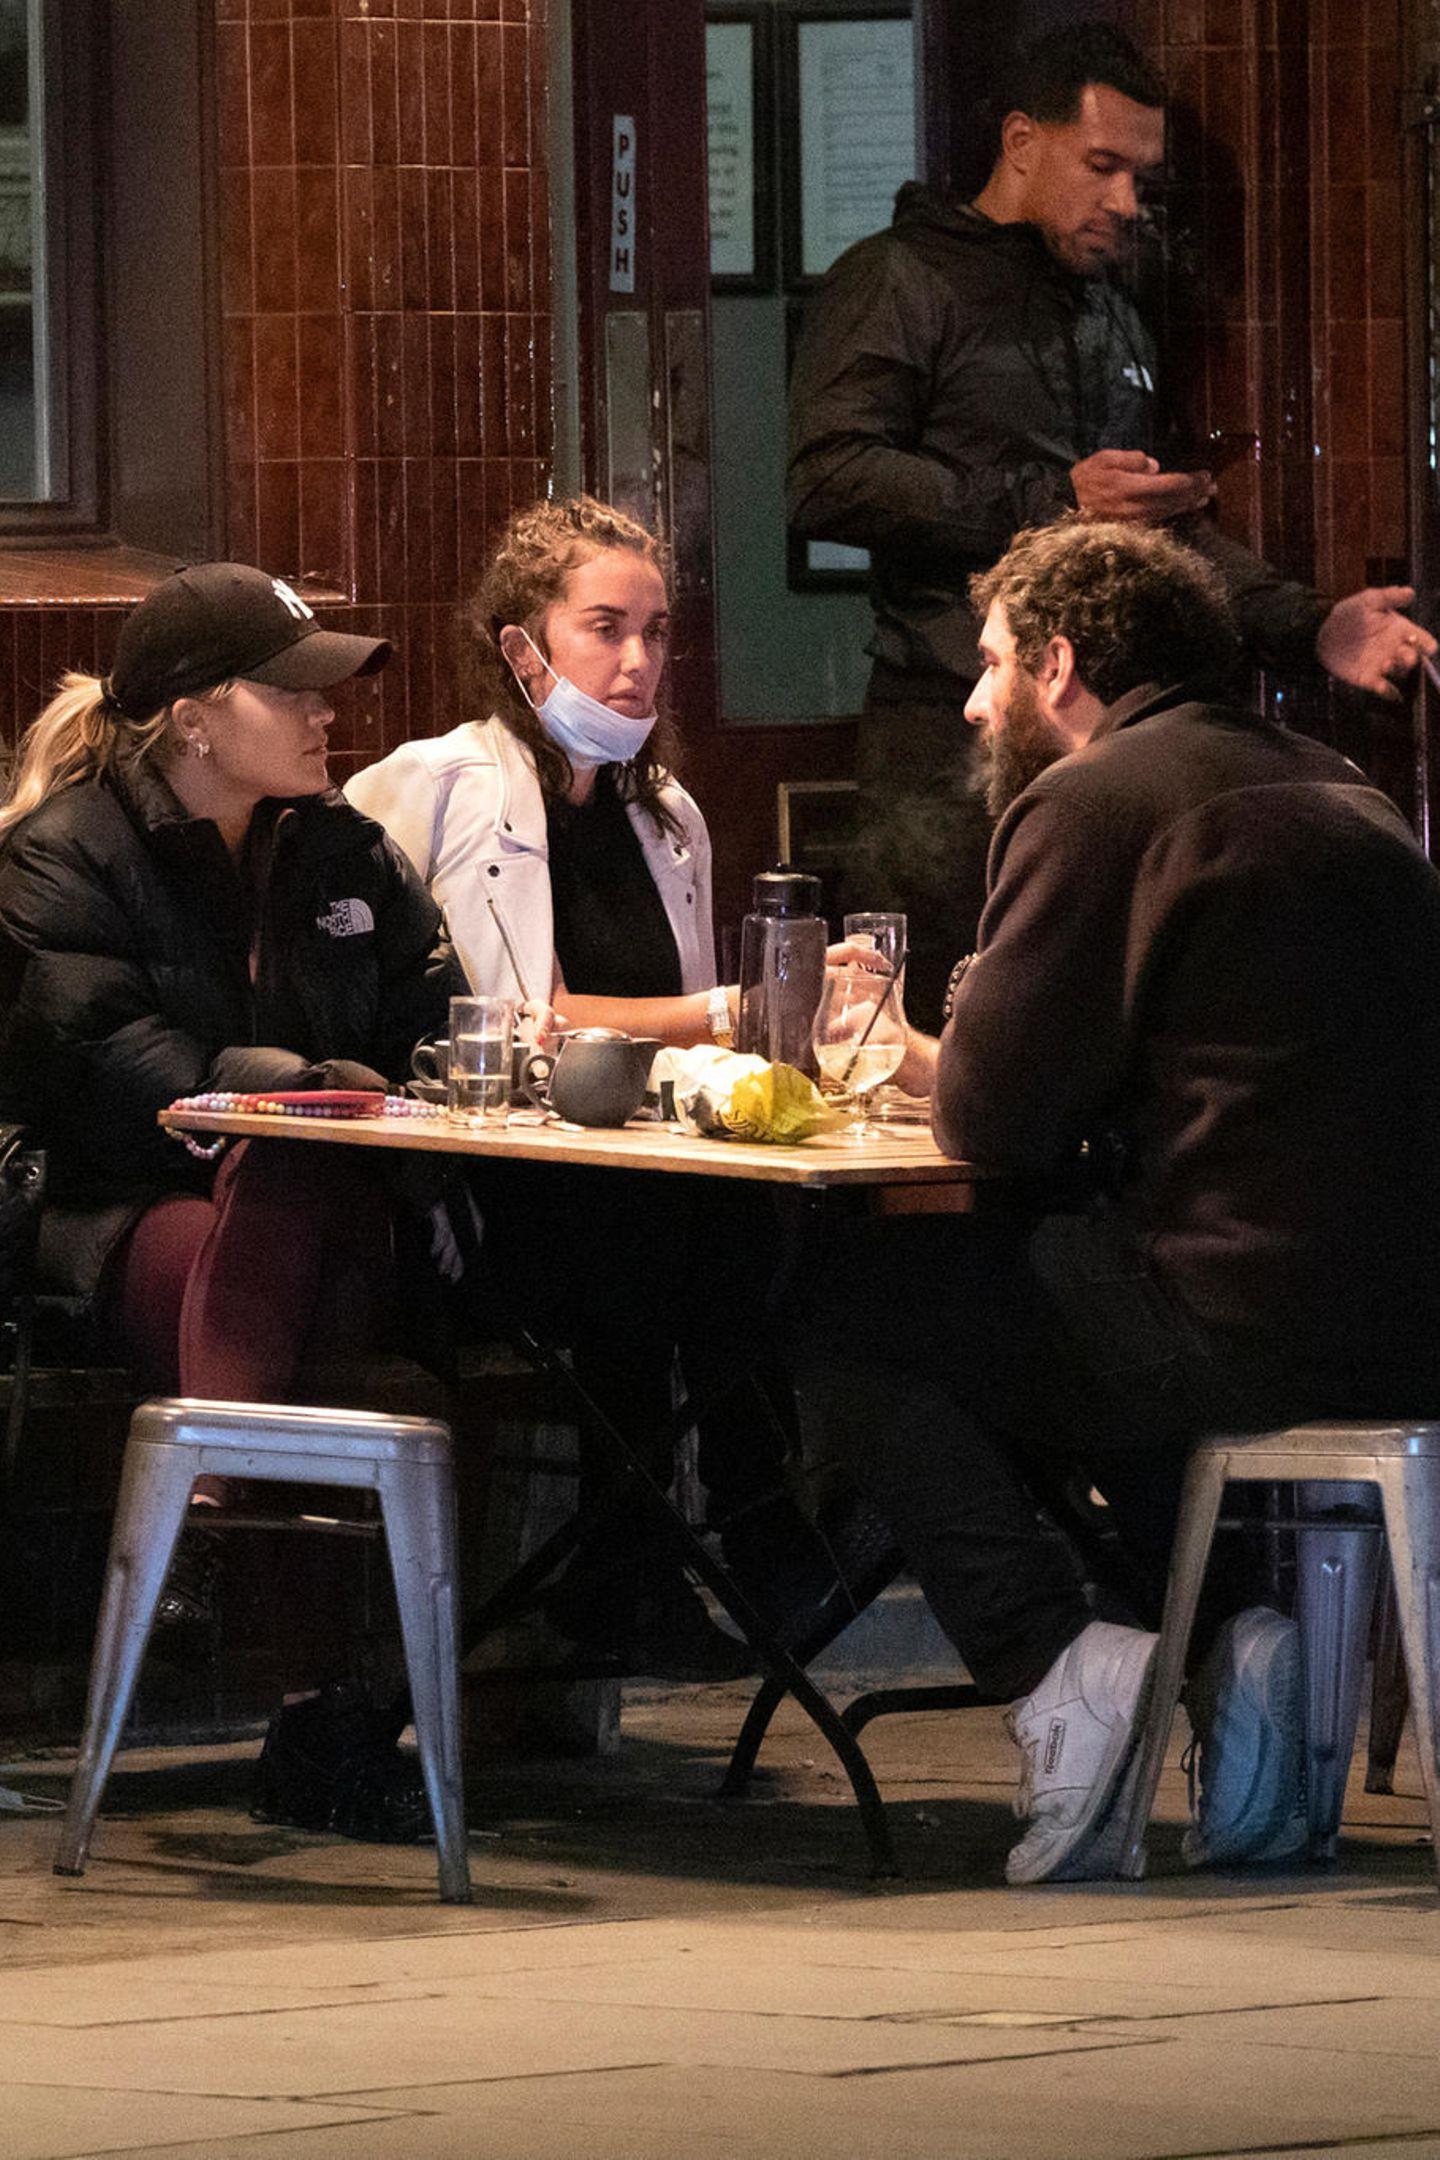 Ein ganz normales Treffen mit Freunden? Vielleicht habensich Rita Ora und ihr Freund Romain Gavras auch zum Treffen mit Ritas Schwester Elena und deren Freund verabredet, um eine spannende Neuigkeit zu verkünden ...